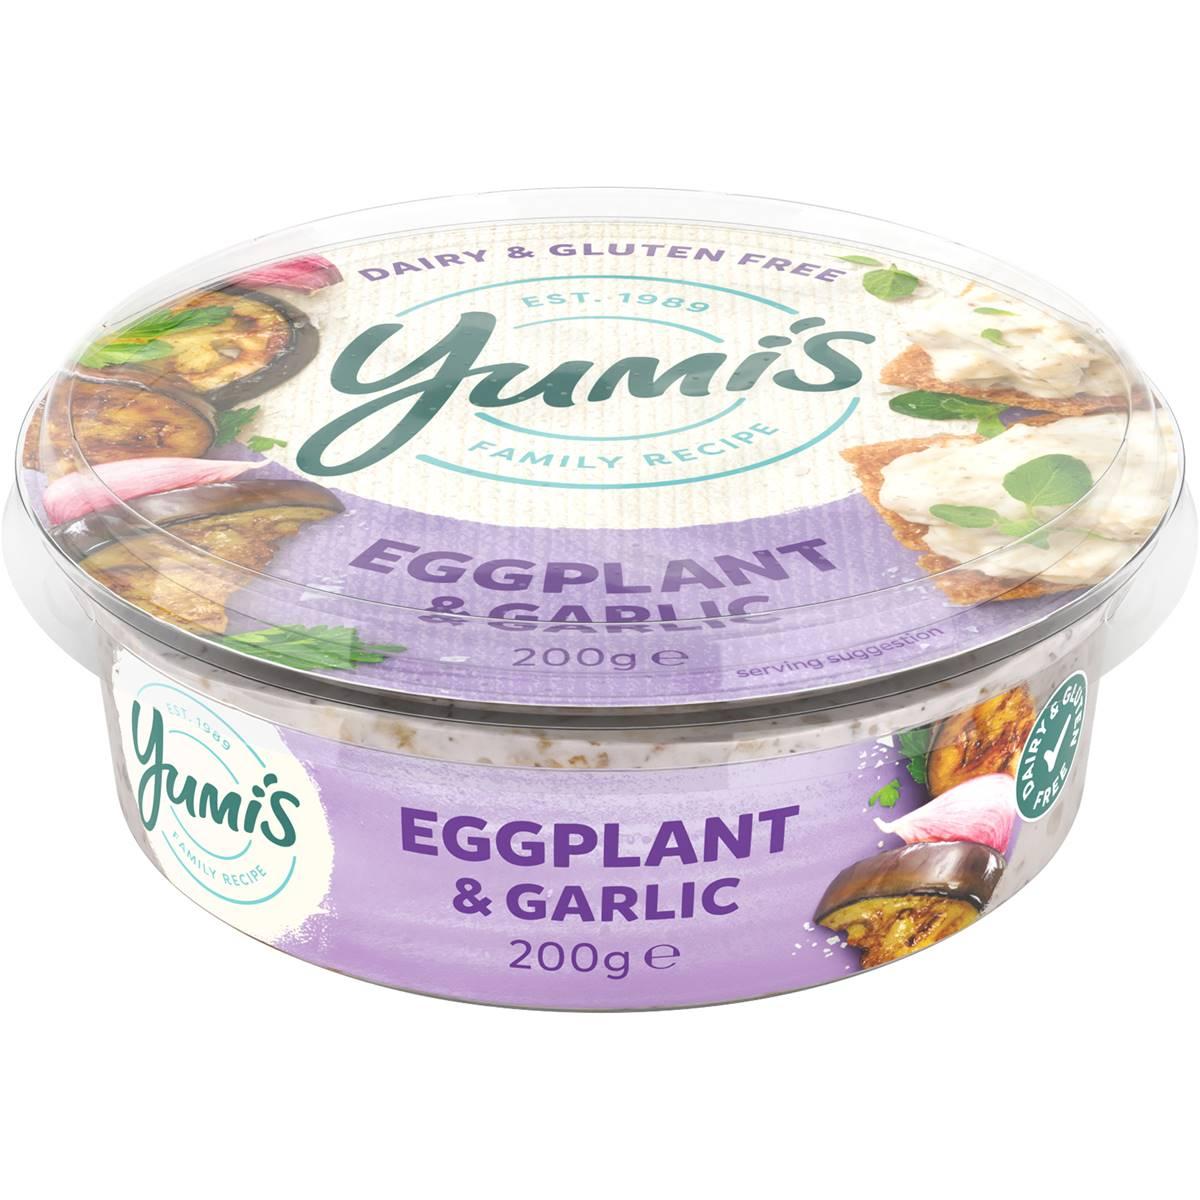 Yumi's Dips Eggplant & Garlic